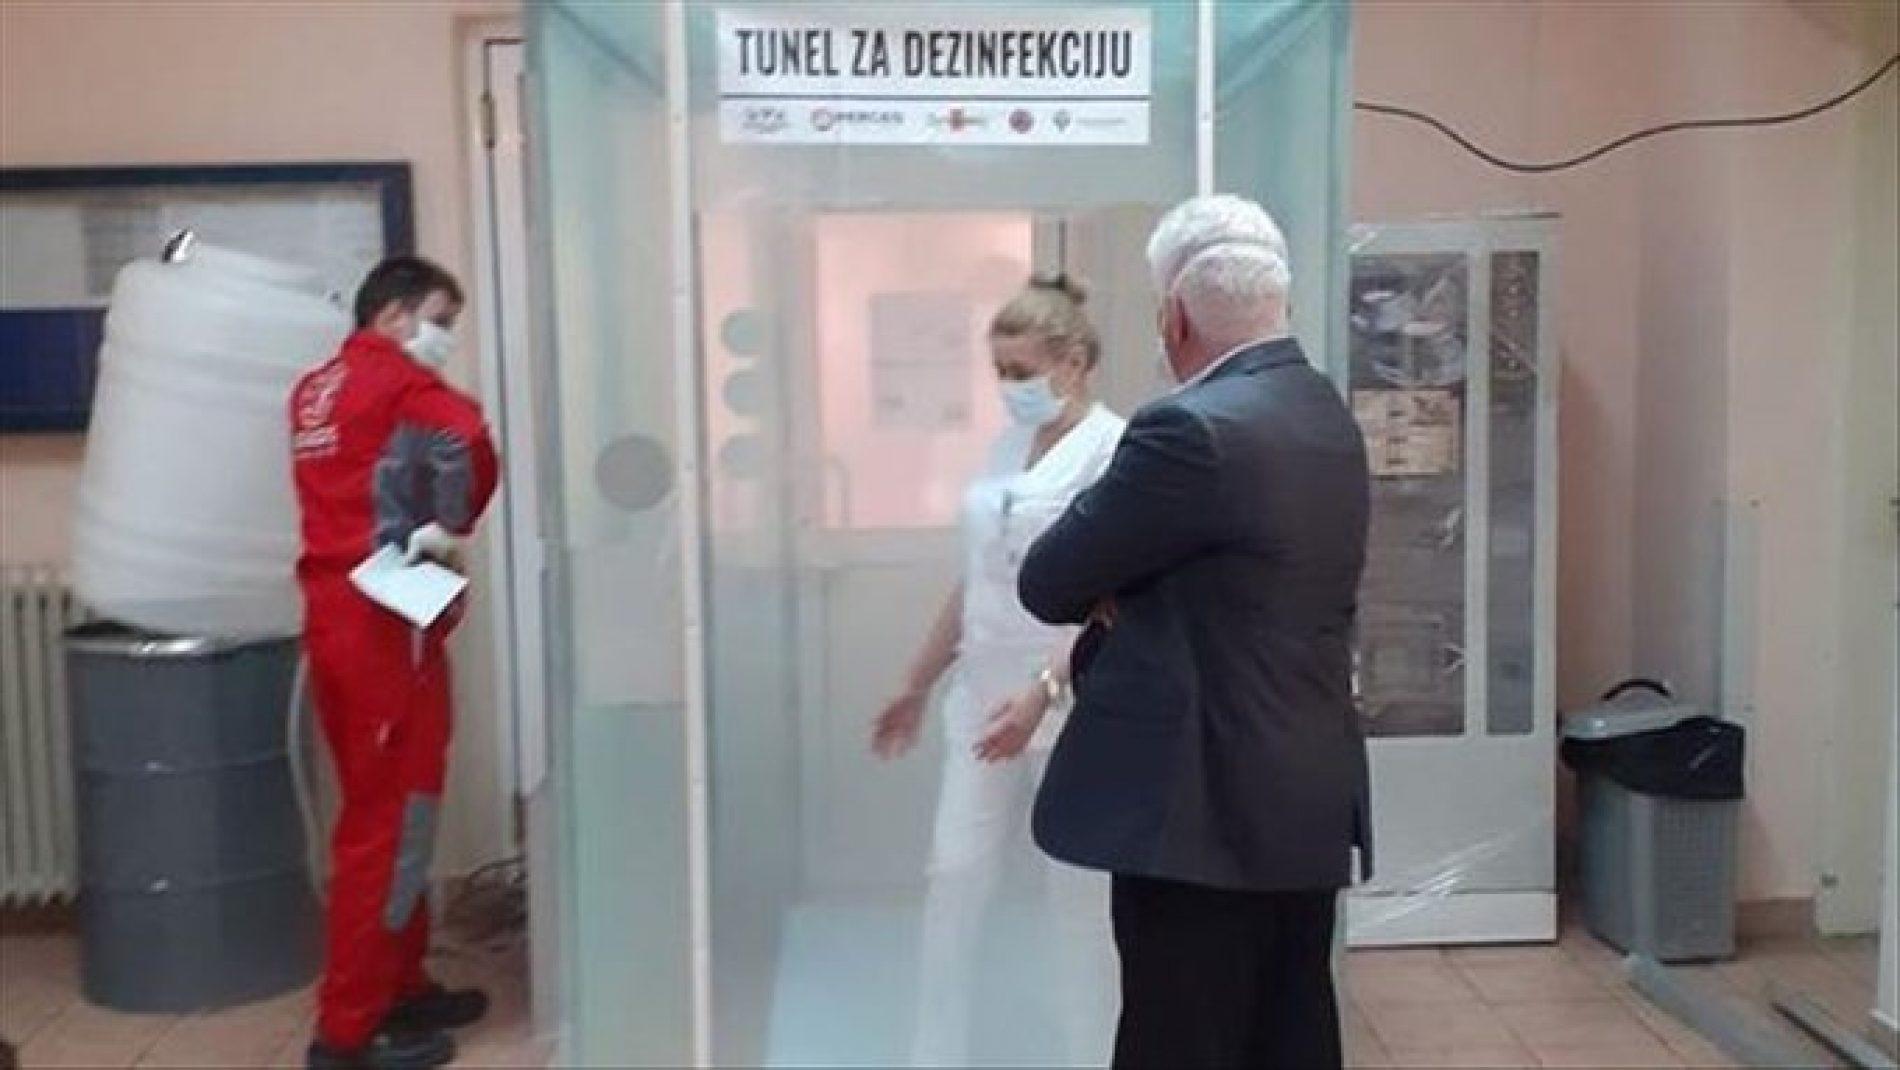 Firma iz Srebrenika preusmjerila proizvodnju: Grade tunele za dezinfekciju